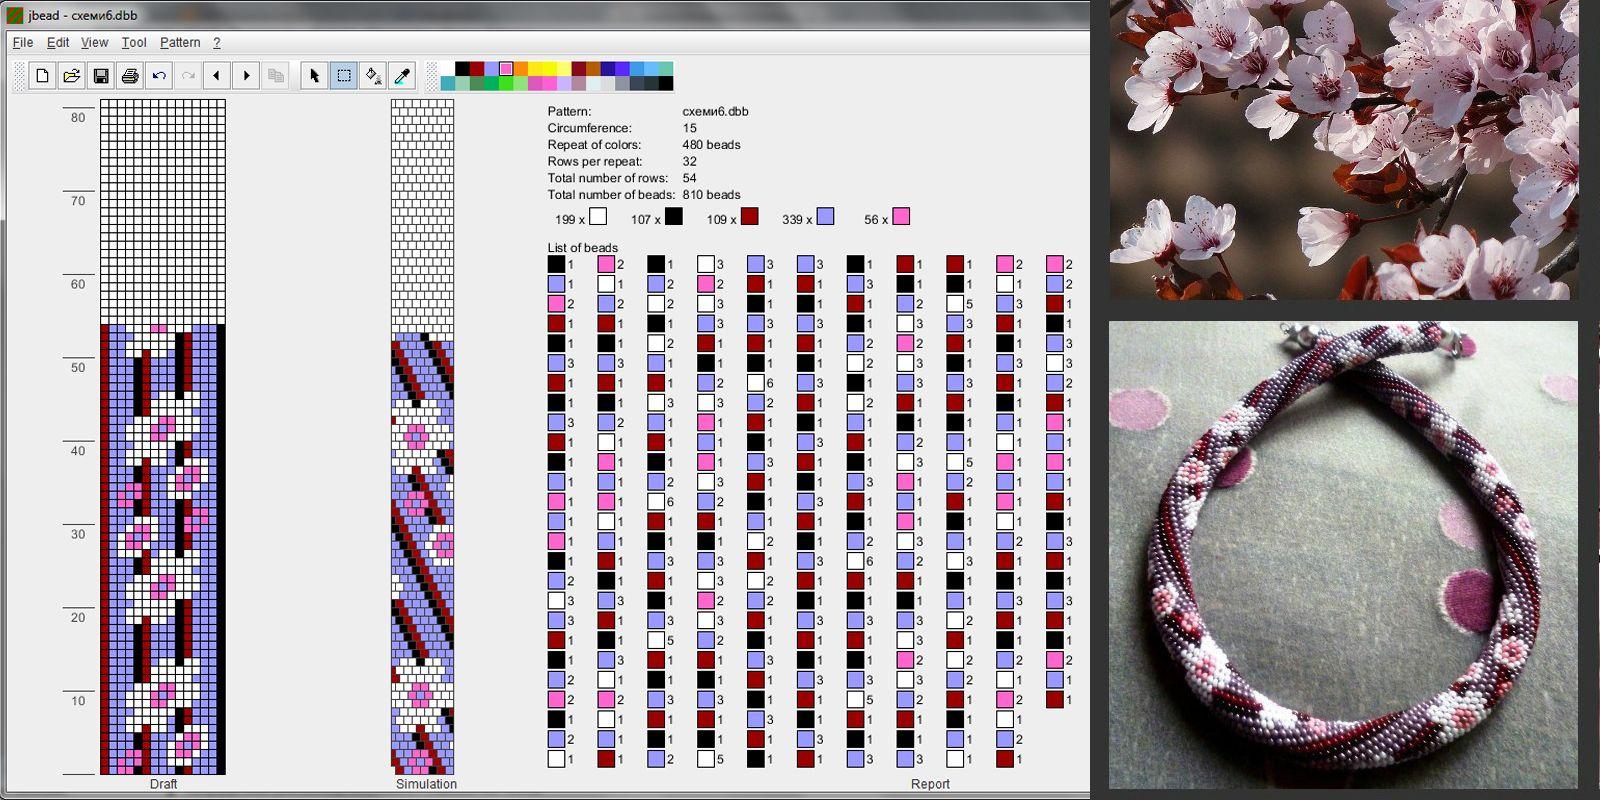 Жгуты из бисера: мастер-классы и схемы плетения для начинающих 51